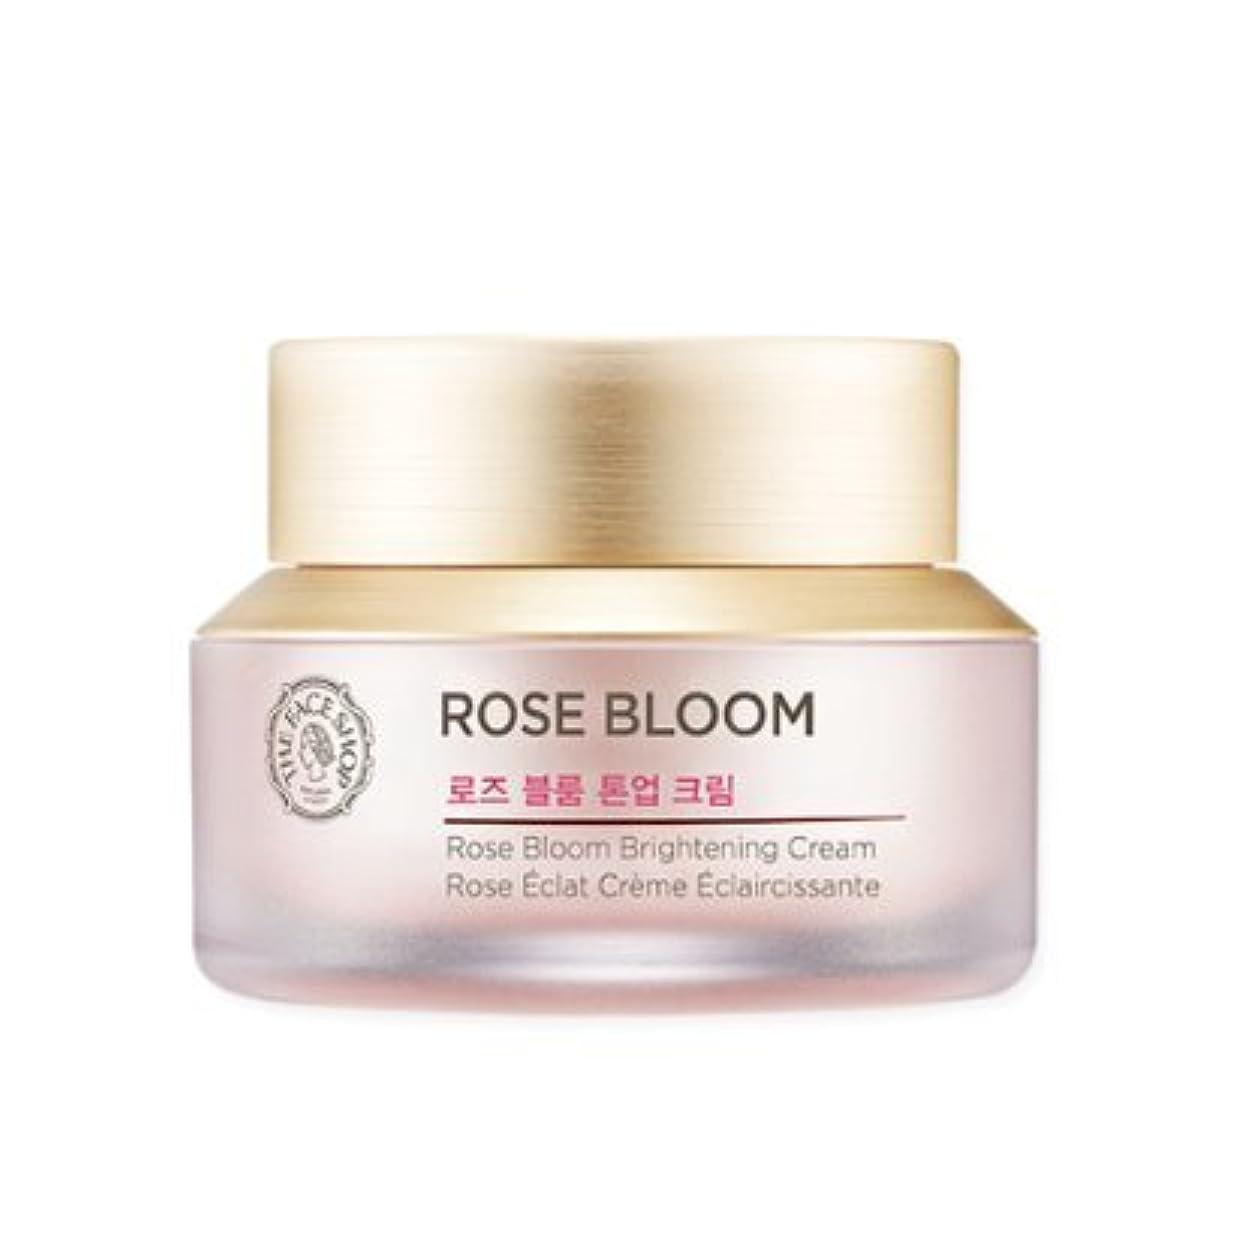 構想する付属品ホイッスルTHE FACE SHOP Rose Bloom tone-up cream ザフェイスショップ ローズブルームトン - アップクリーム [並行輸入品]